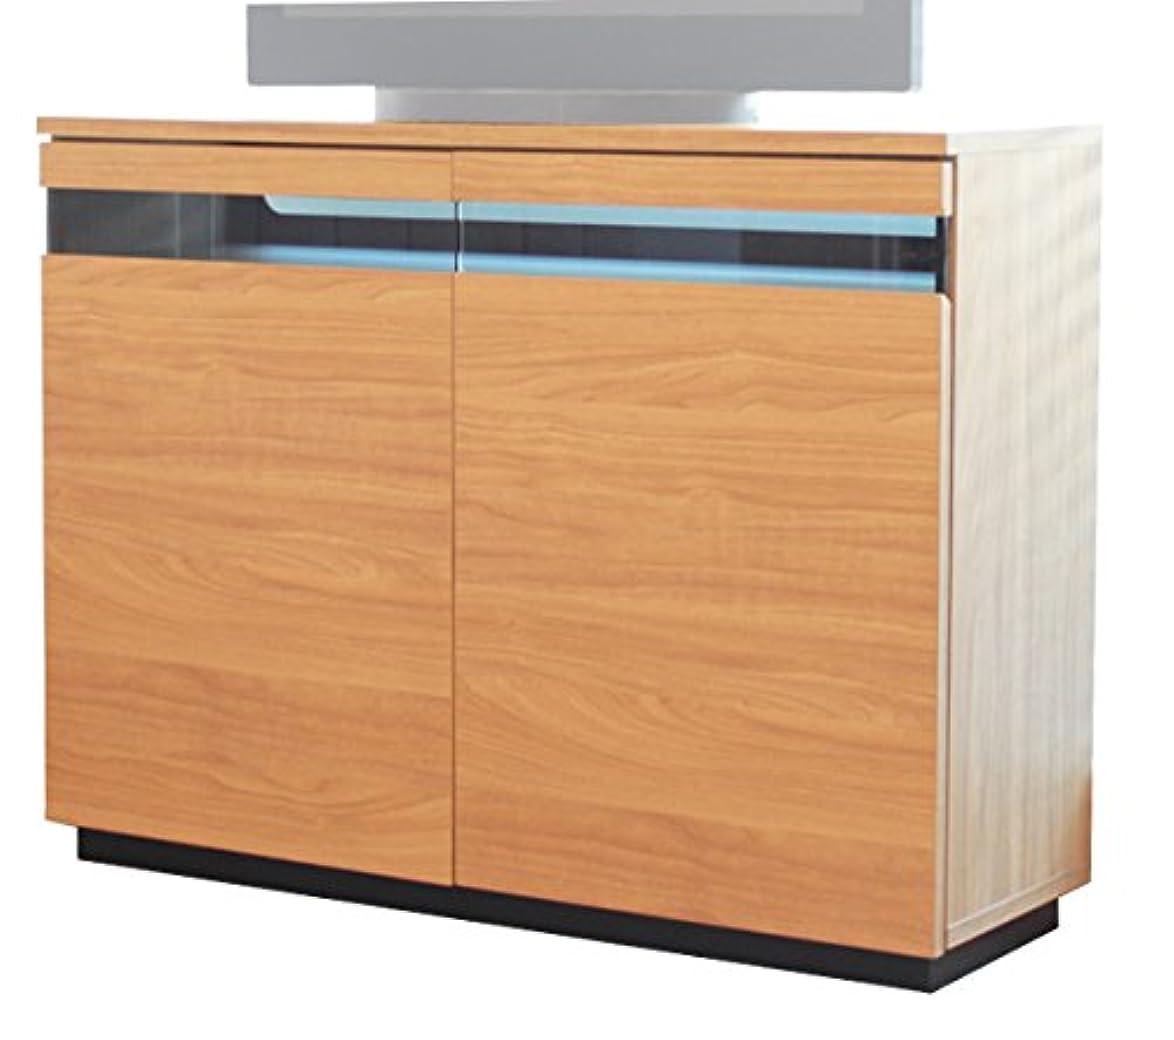 排泄物支出ホーステレビ台 テレビボード 幅90cm ハイタイプ コンパクト TV台 TVボード 引き出し収納